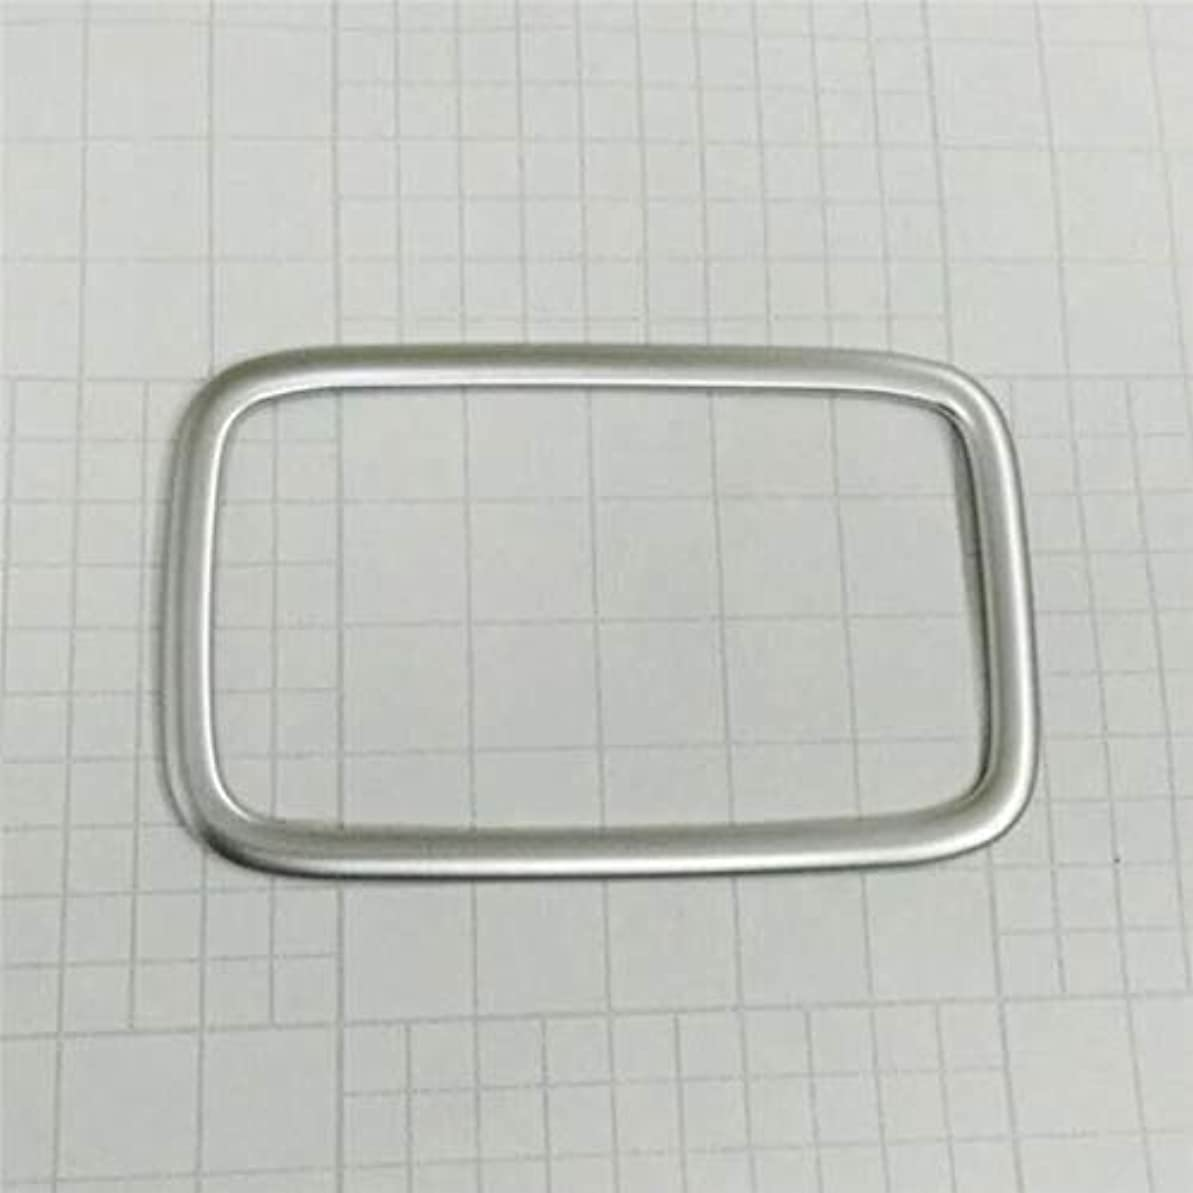 望まない伝導ハーフJicorzo - ABS Car Front + Rear Reading Light Cover Trim sticker Car Accessories Styling Fit for Hyundai Elantra Avante 2016 2017